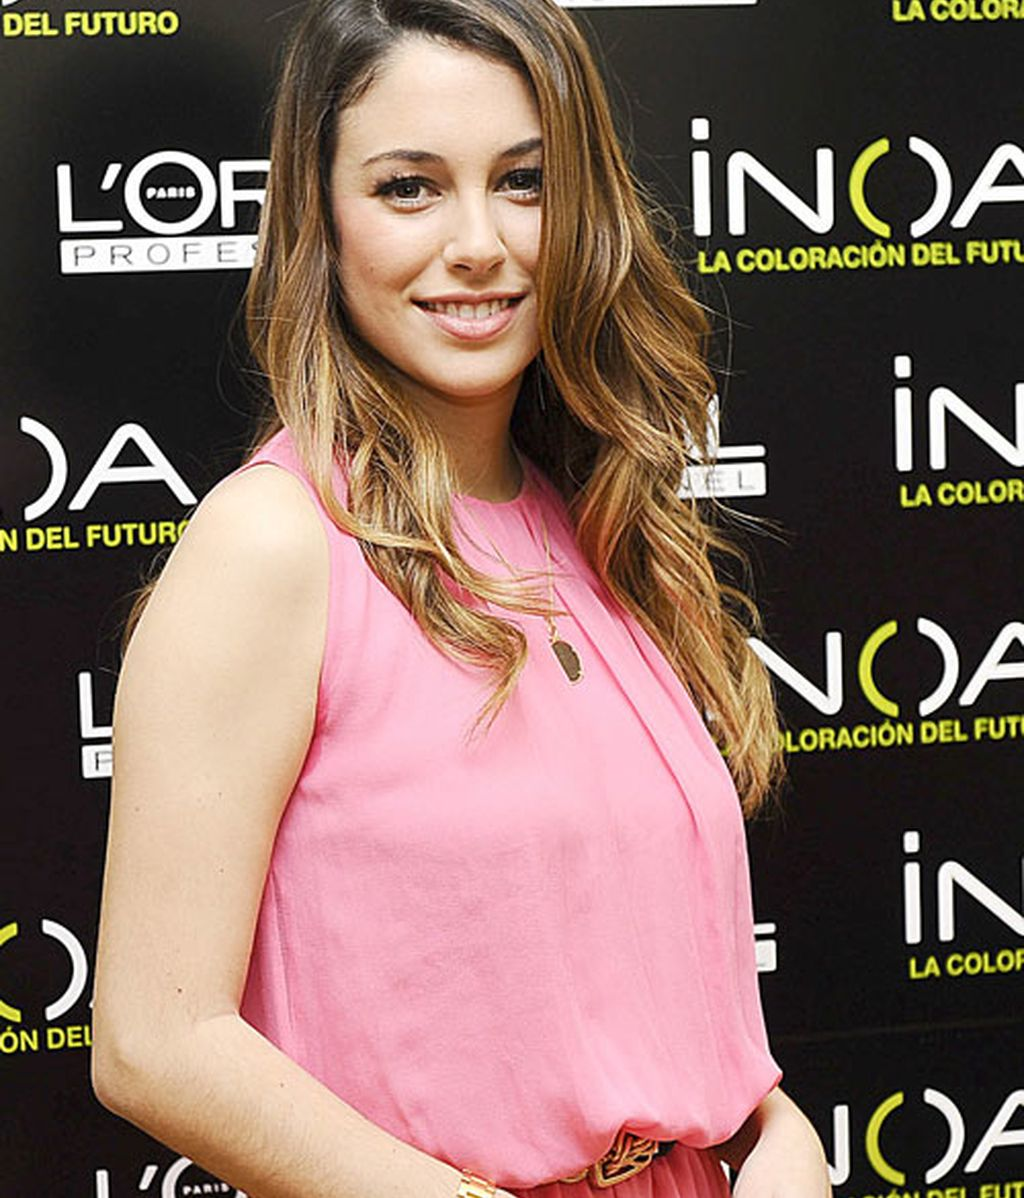 Otra rosa más: Blanca Suárez